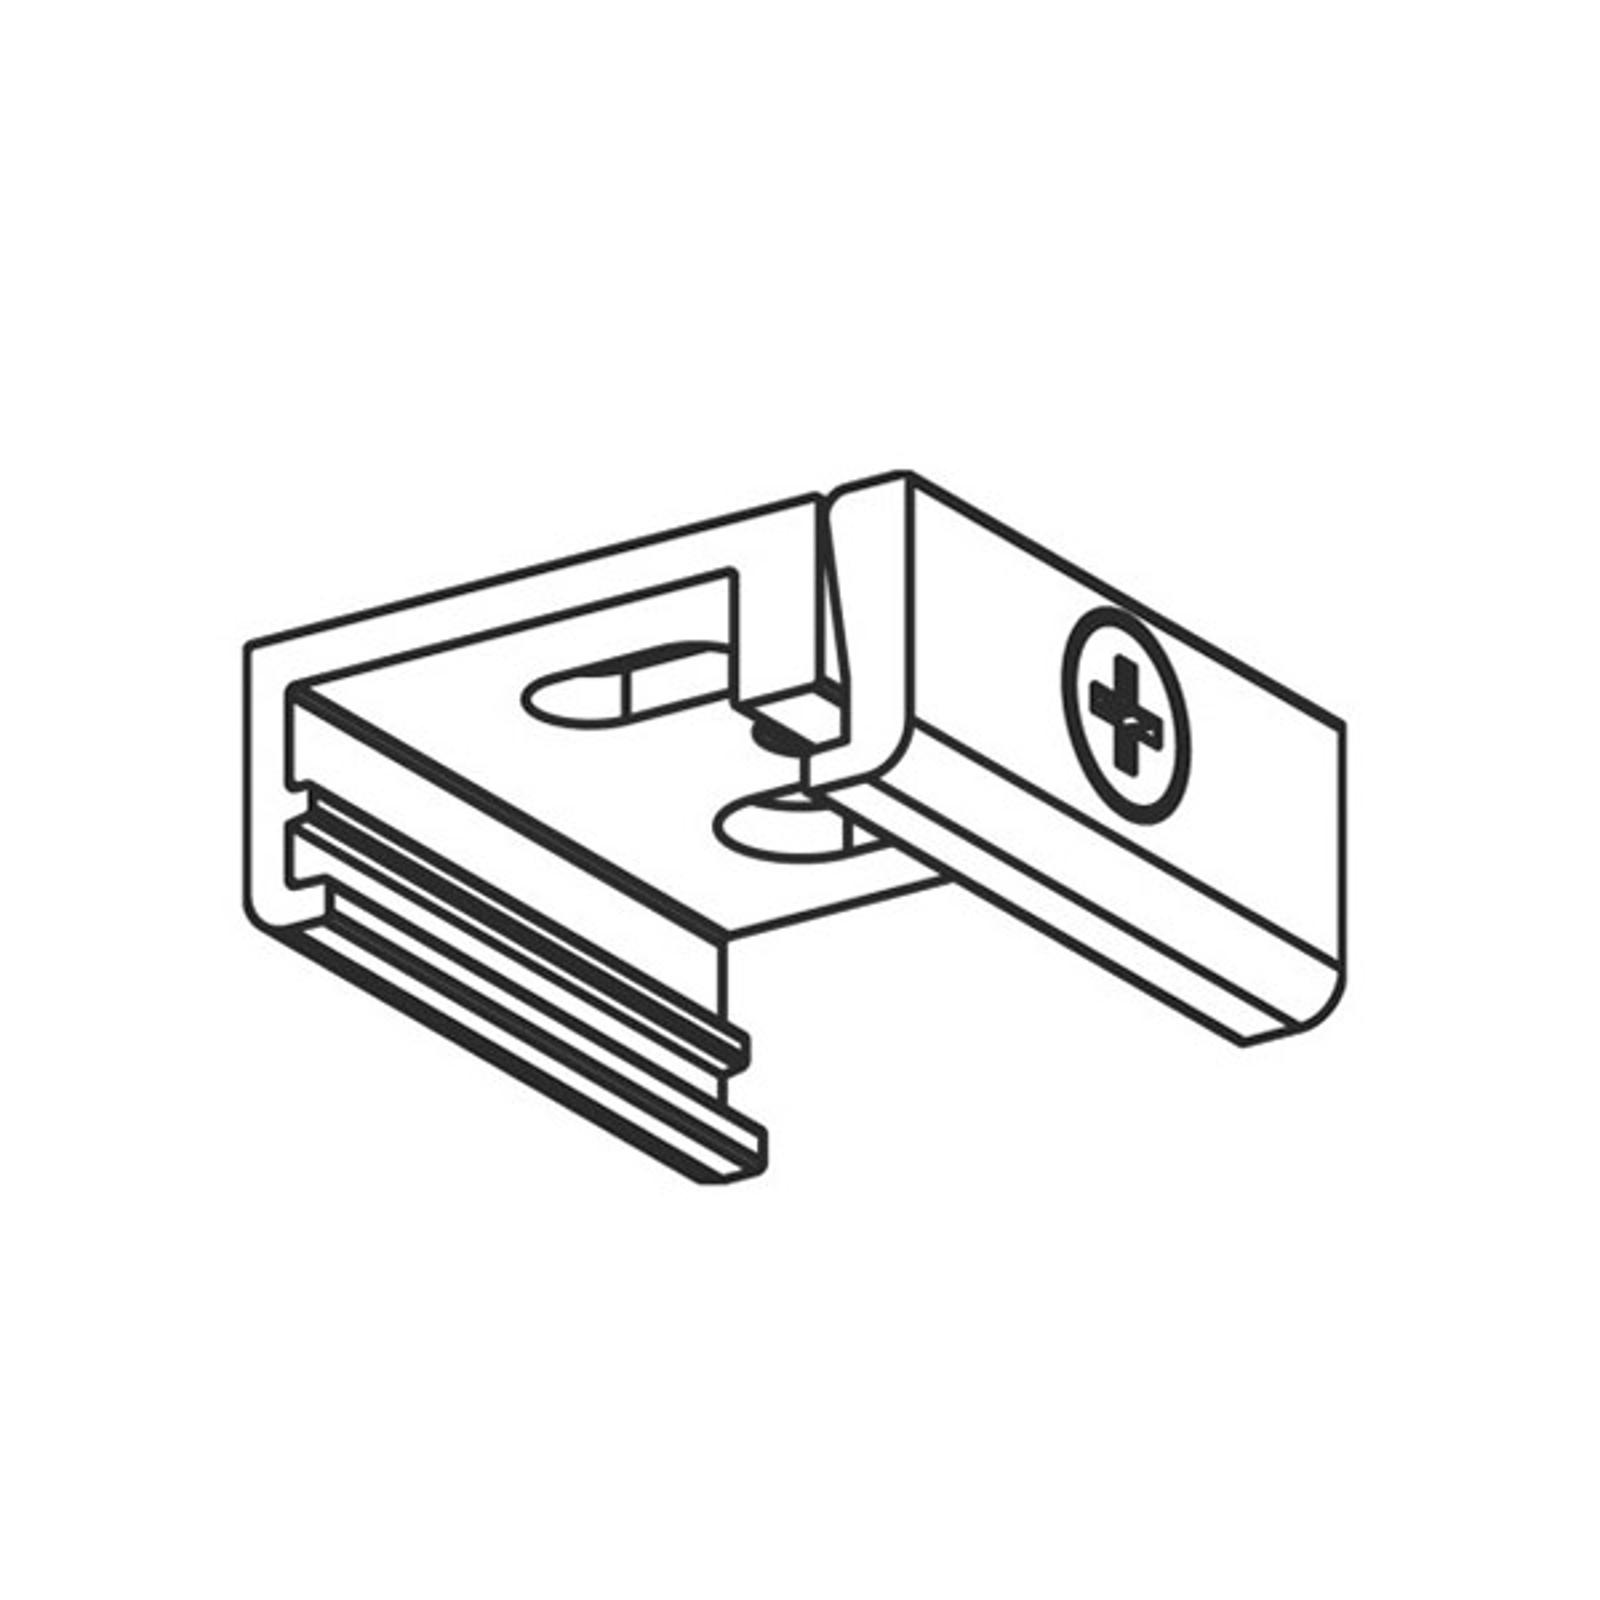 Supporto soffitto per binario trifase Noa, bianco